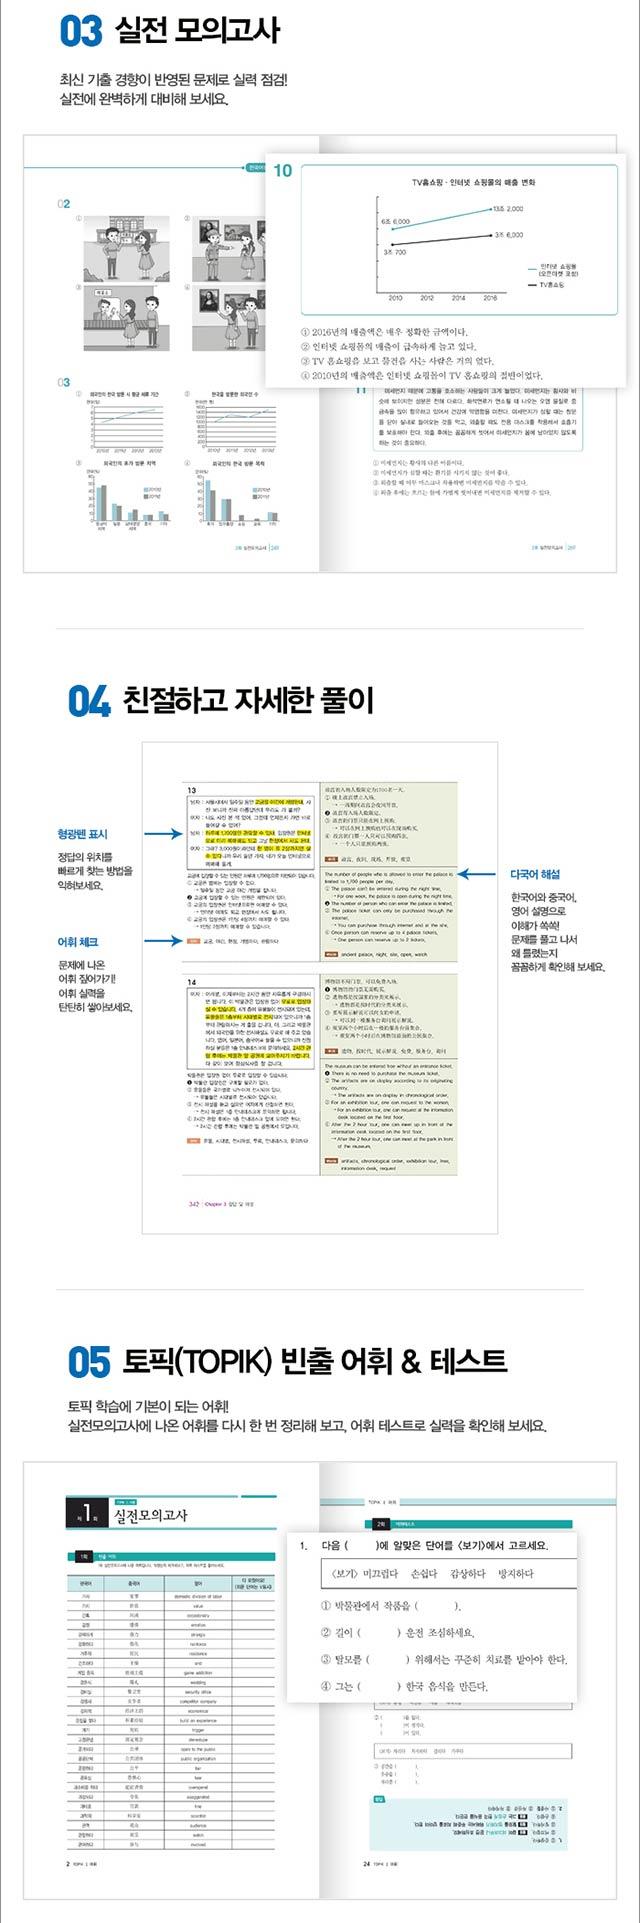 Esame-coreano-2018-TOPIK-Vendita-Libri-Lingua-Coreana-Dosoguan-Acquisto-Online-